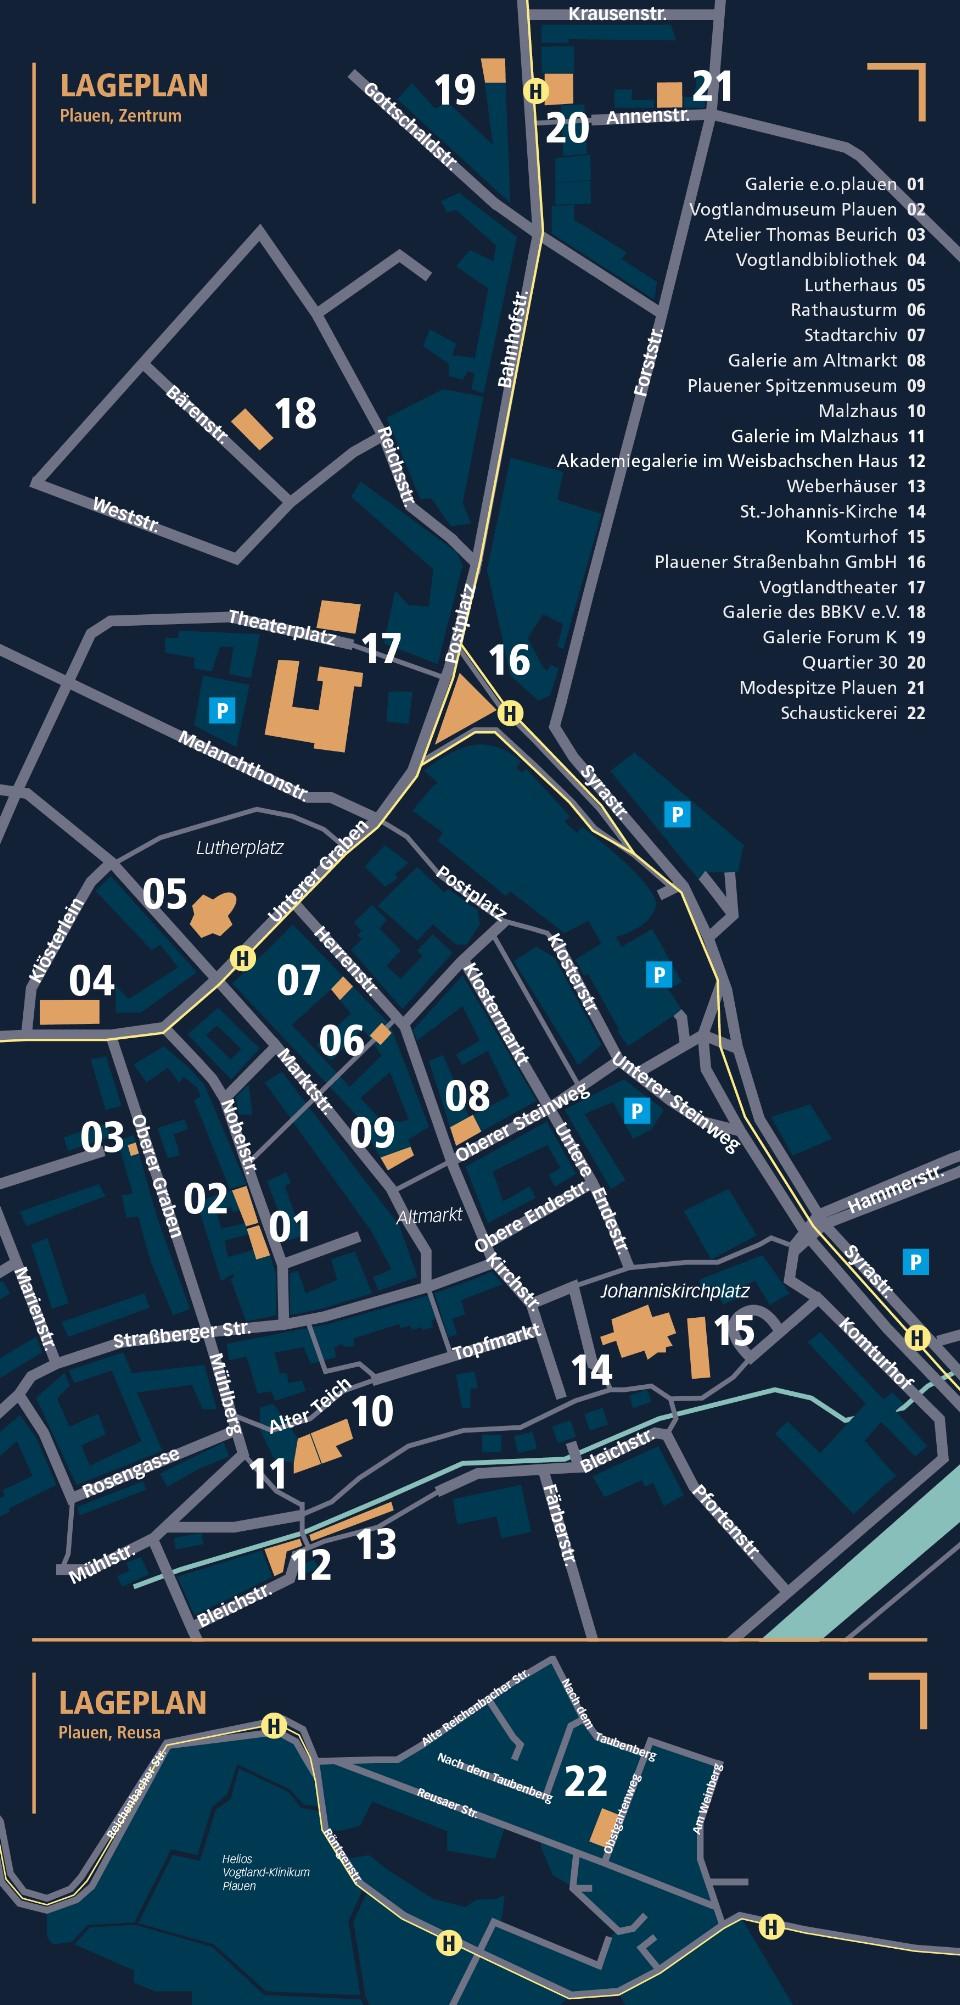 Museeumsnacht Plauen: Lageplan